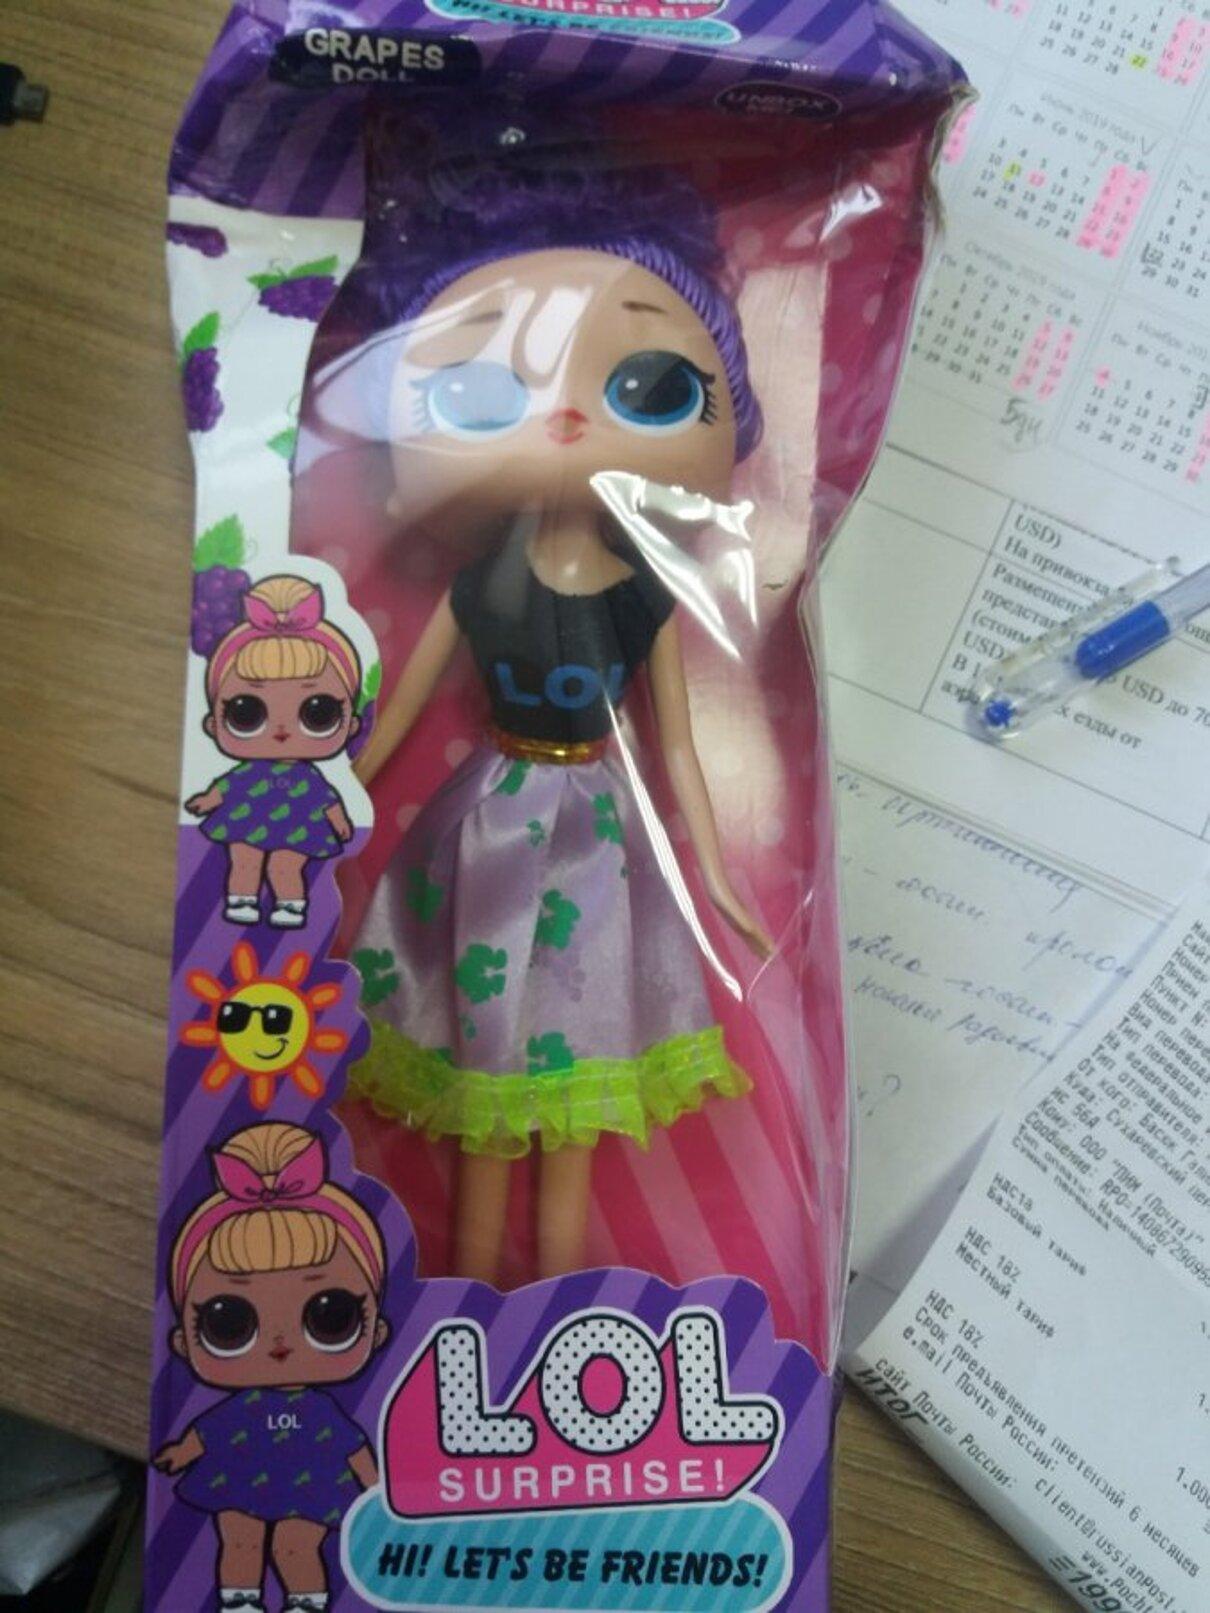 Жалоба-отзыв: За предоплату на сайте обещана в подарок набор косметики для куклы - Прислали не тот товар